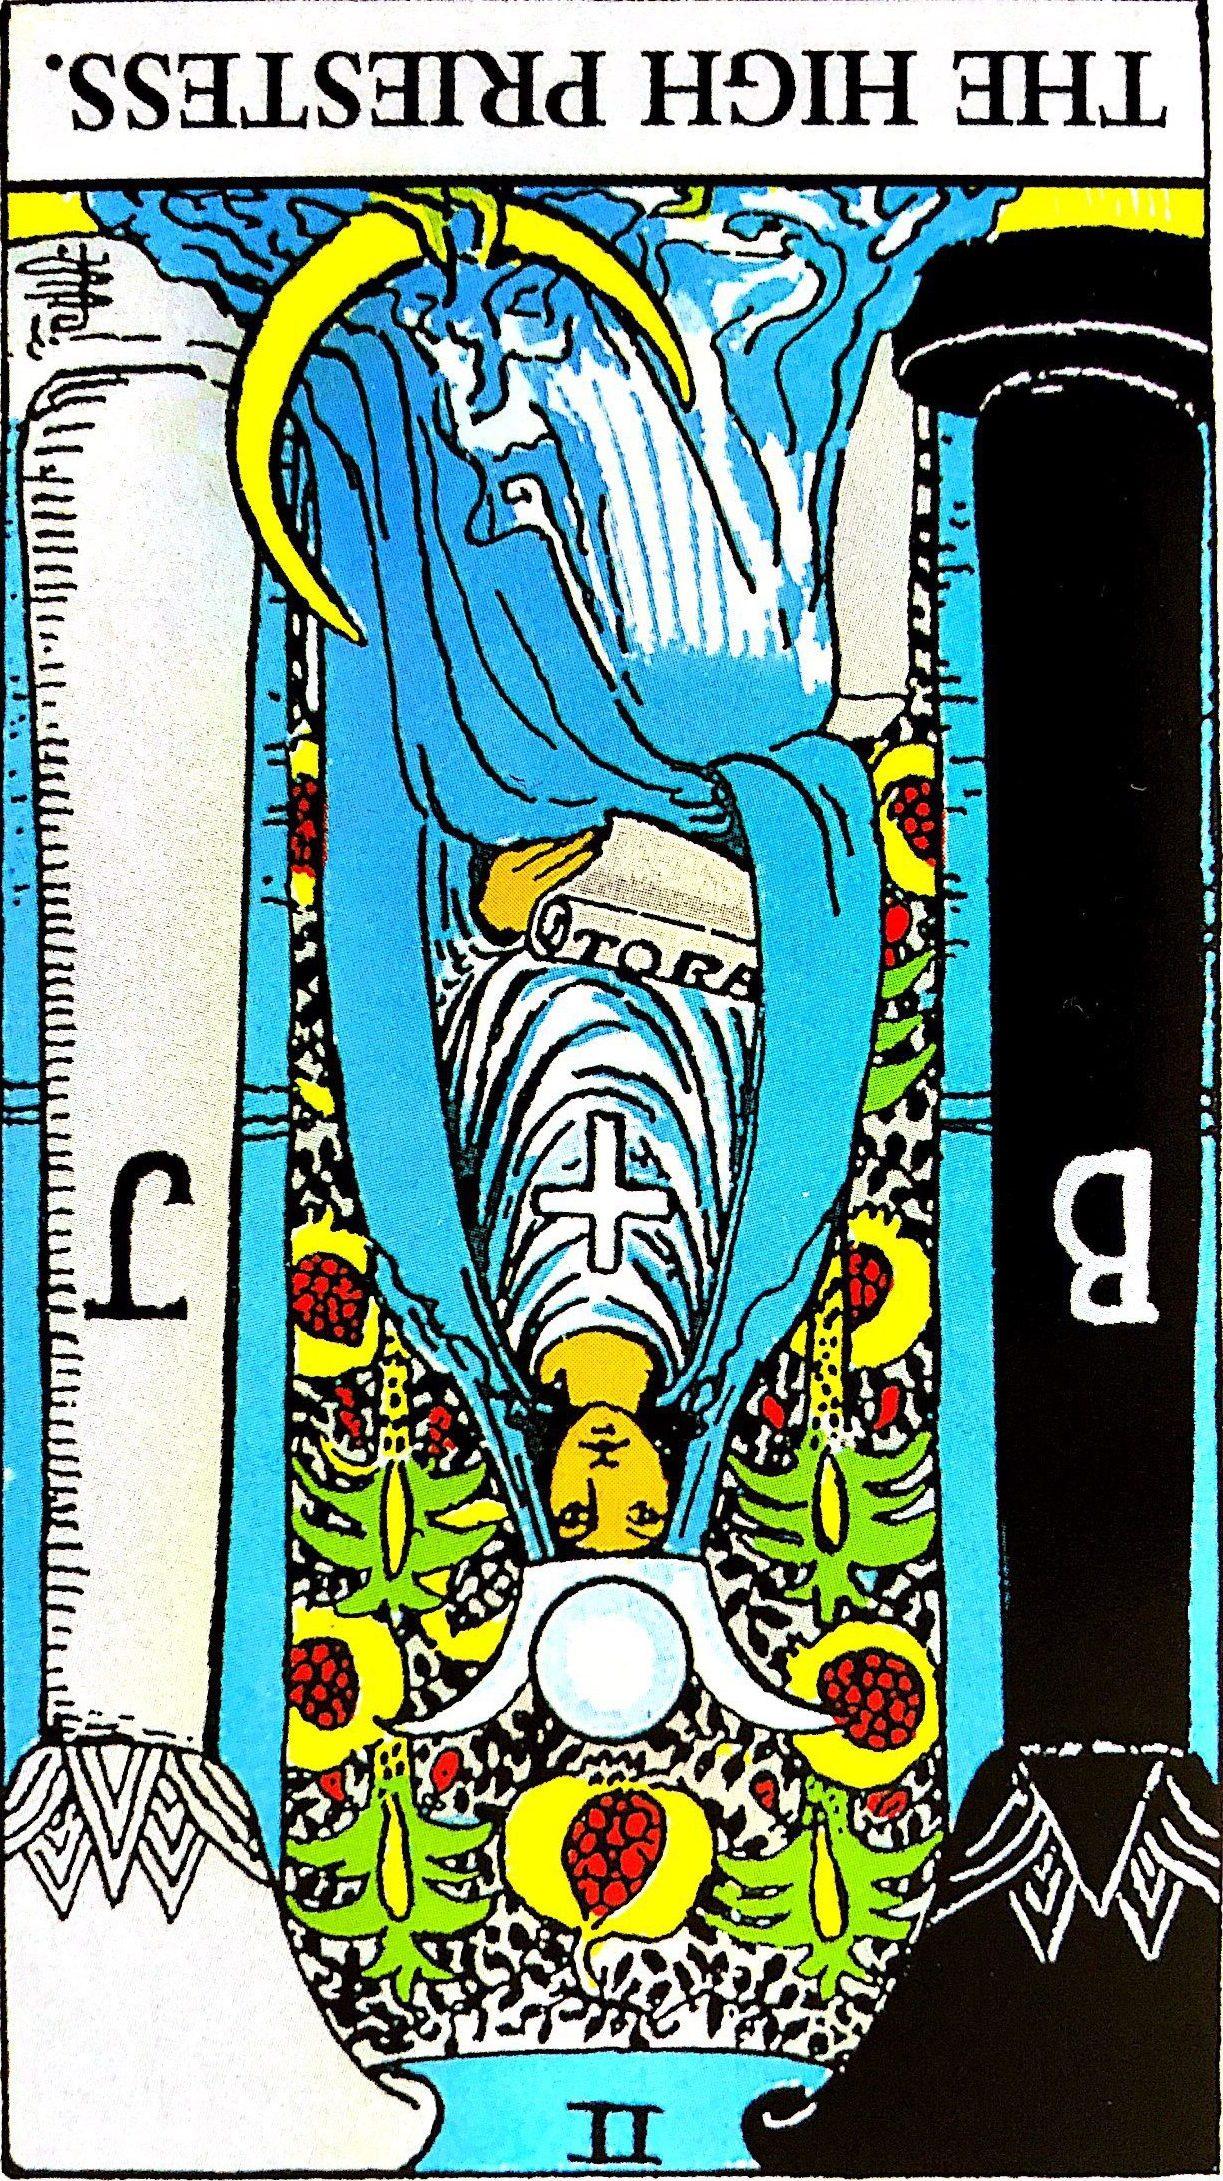 片思いを諦めるべきタロットカードその1.『女教皇』【逆位置】